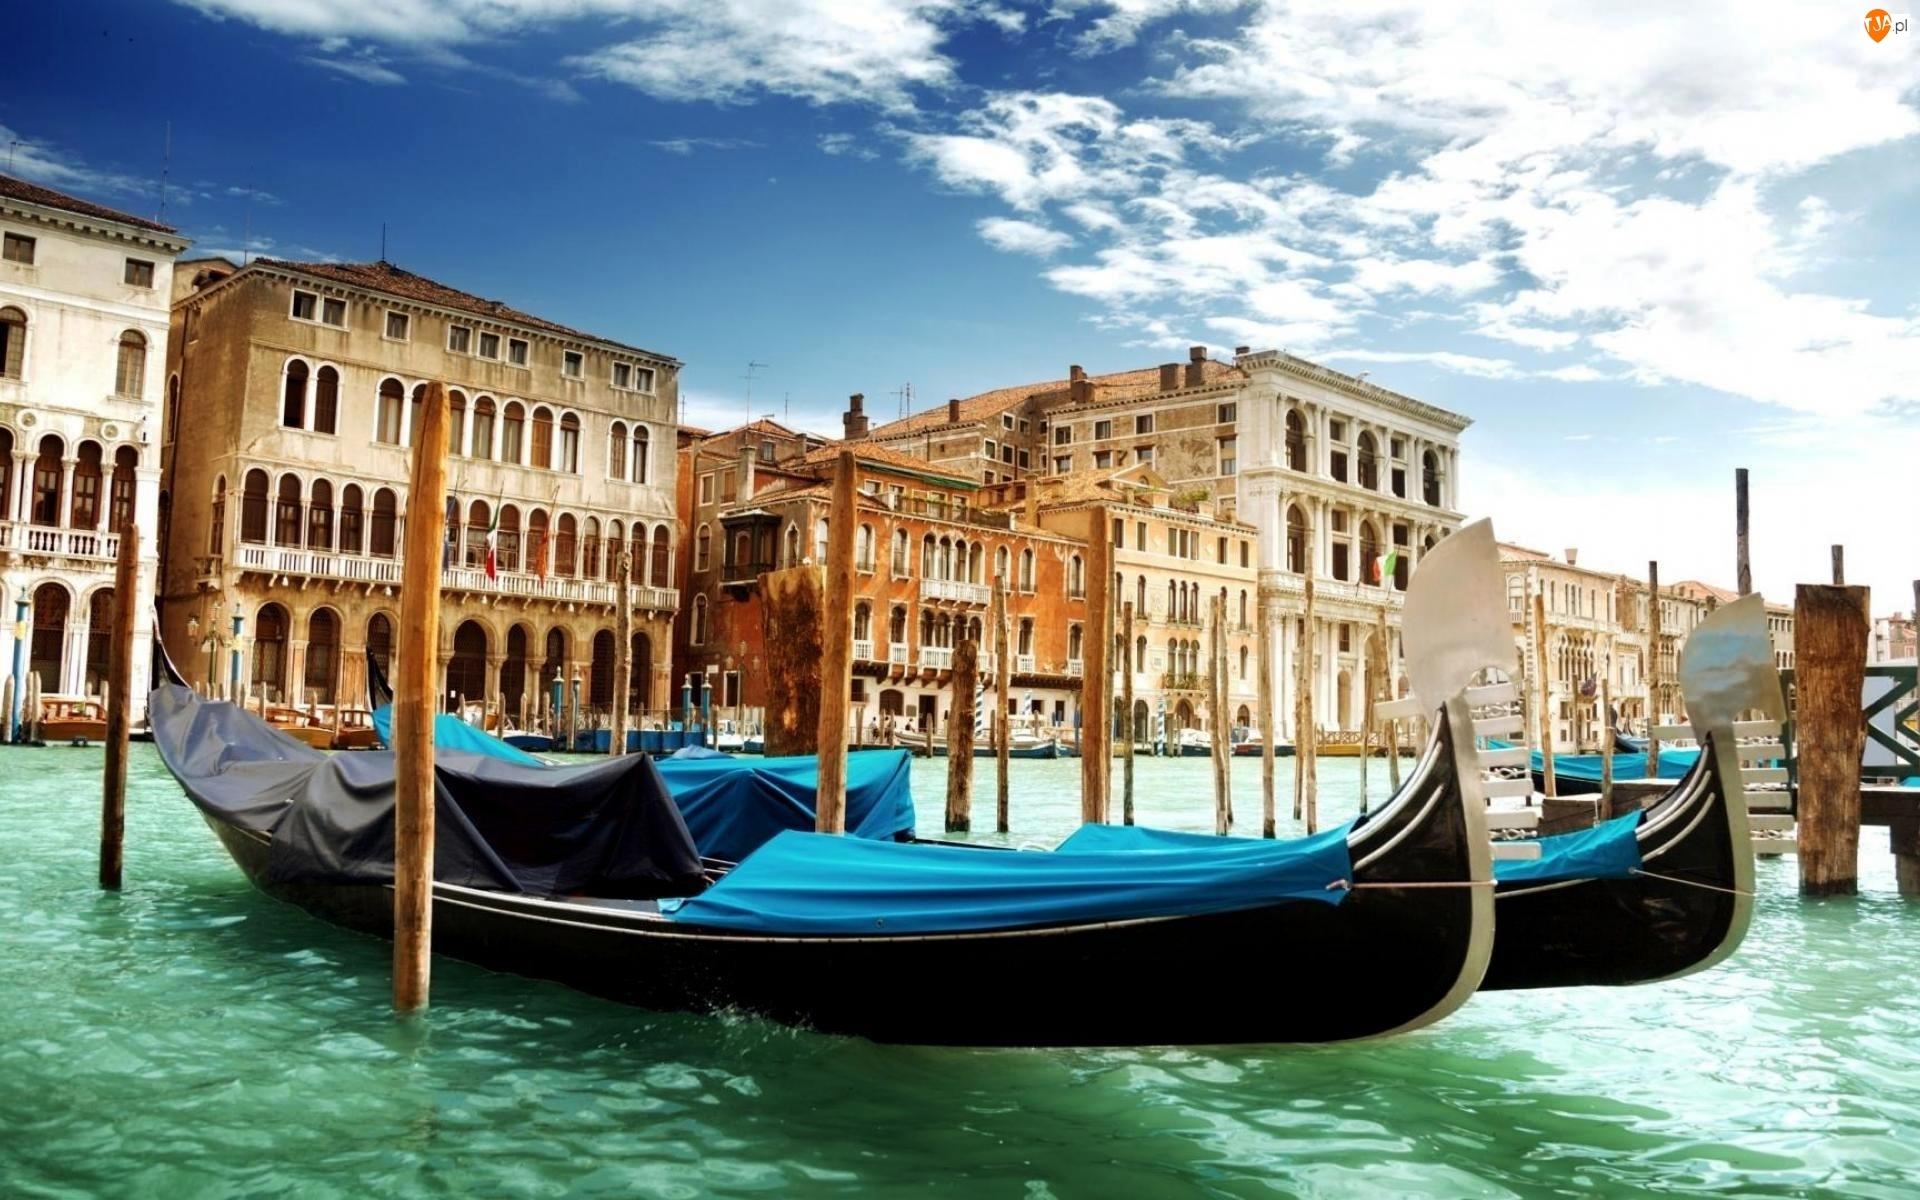 Domy, Włochy, Gondole, Wenecja